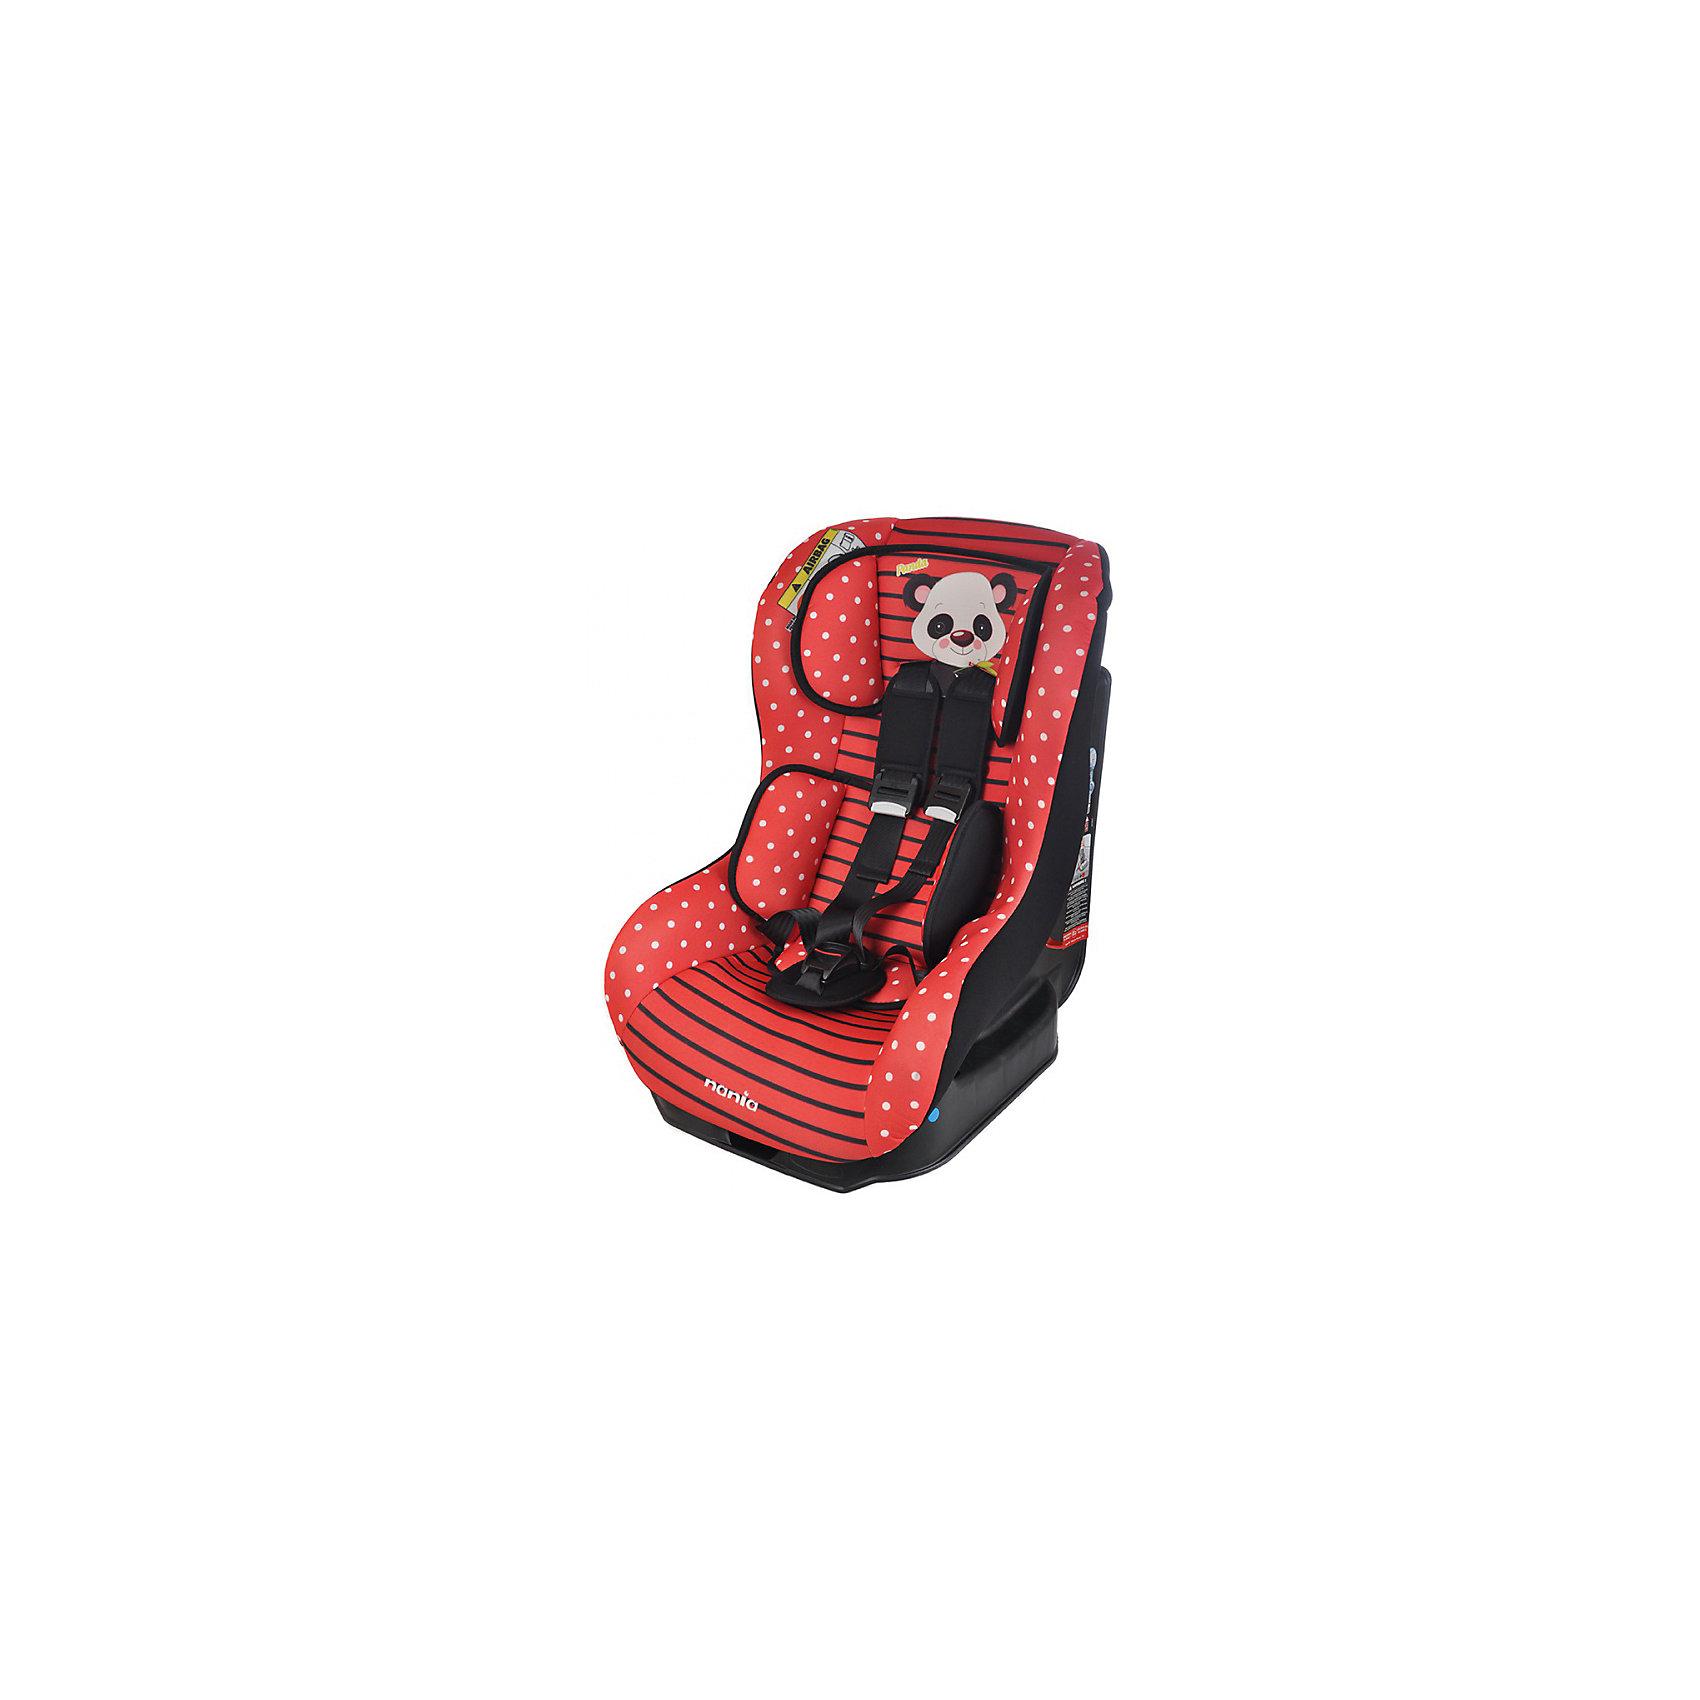 Автокресло Nania Driver 0-18 кг, panda redГруппа 0+, 1 (До 18 кг)<br>Автокресло Driver, 0-18 кг., Nania, panda red – удобство и безопасность для вашего малыша.<br>Кресло сделано из прочного полипропилена и имеет пятиточечные ремни безопасности с возможностью отрегулировать по размеру ребенка. Спинку кресла можно опускать до положения полулежа, а мягкая подушка под голову даст ребенку возможность поспать в дороге. Модель подойдет для детей от 0 до 18 килограмм. Кресло легко крепится как походу движения, так и против. Соответствует всем современным требованиям к безопасности. Кресло легко стирать благодаря съемному чехлу. <br>Дополнительная информация:<br><br>- цвет: розовый, черный<br>- материал: текстиль, пластик<br>- вес ребенка: 0 до 18 кг<br>- вес кресла: 12,5 кг<br>- размер: 61x57x46<br><br>Автокресло Driver, 0-18 кг., Nania, panda red можно купить в нашем магазине.<br><br>Ширина мм: 460<br>Глубина мм: 520<br>Высота мм: 600<br>Вес г: 12490<br>Возраст от месяцев: 0<br>Возраст до месяцев: 48<br>Пол: Унисекс<br>Возраст: Детский<br>SKU: 4940924